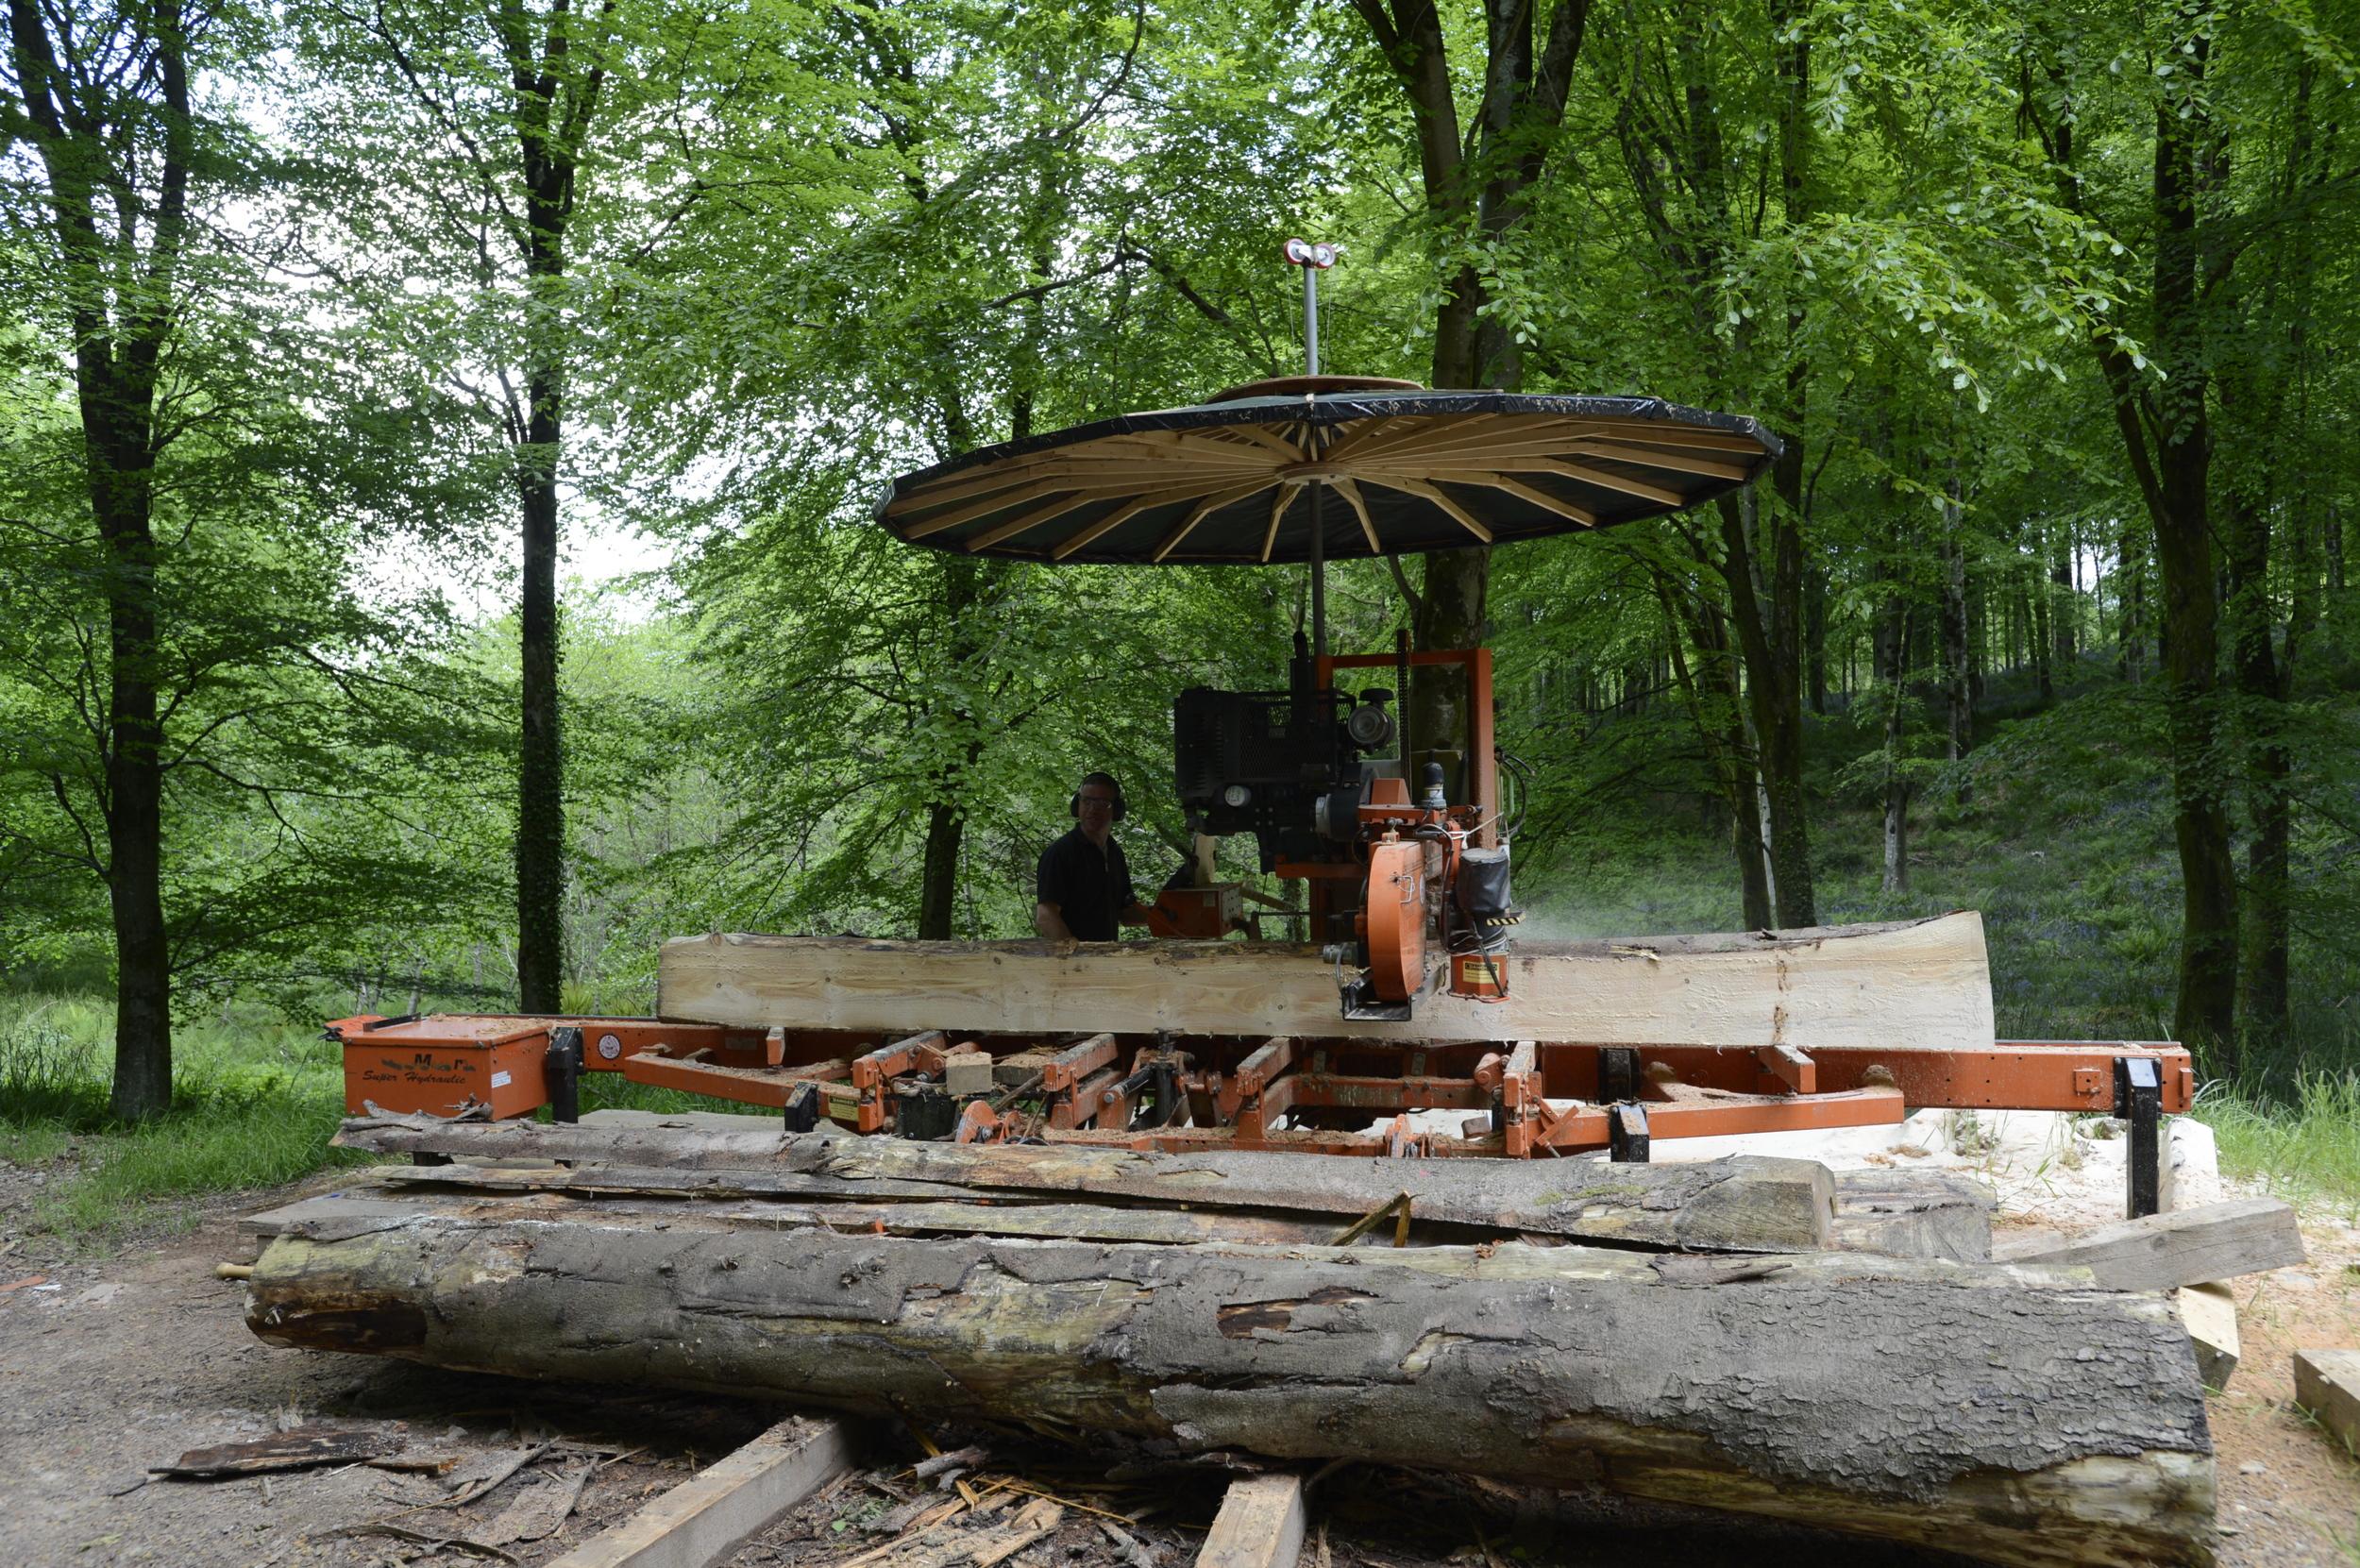 Hooke_Park_Edward_with_customised_Wood_Mizer_VB_2013_06_03_0009.JPG